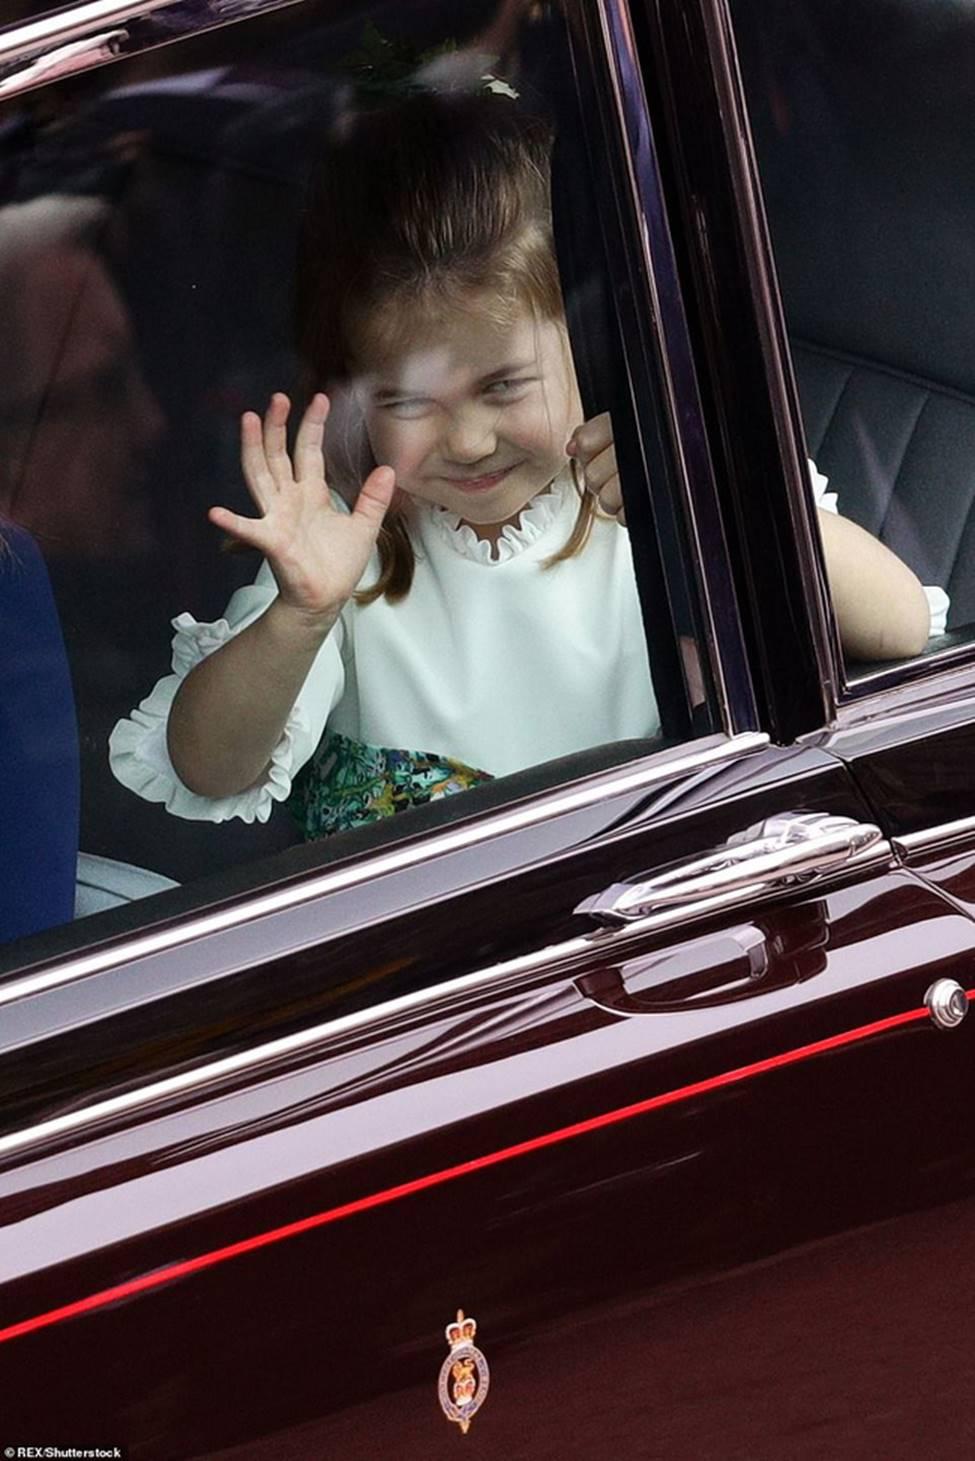 Đi đám cưới cô họ, Công chúa Charlotte tiếp tục gây thương nhớ bằng loạt biểu cảm đáng yêu xinh như thiên thần-2